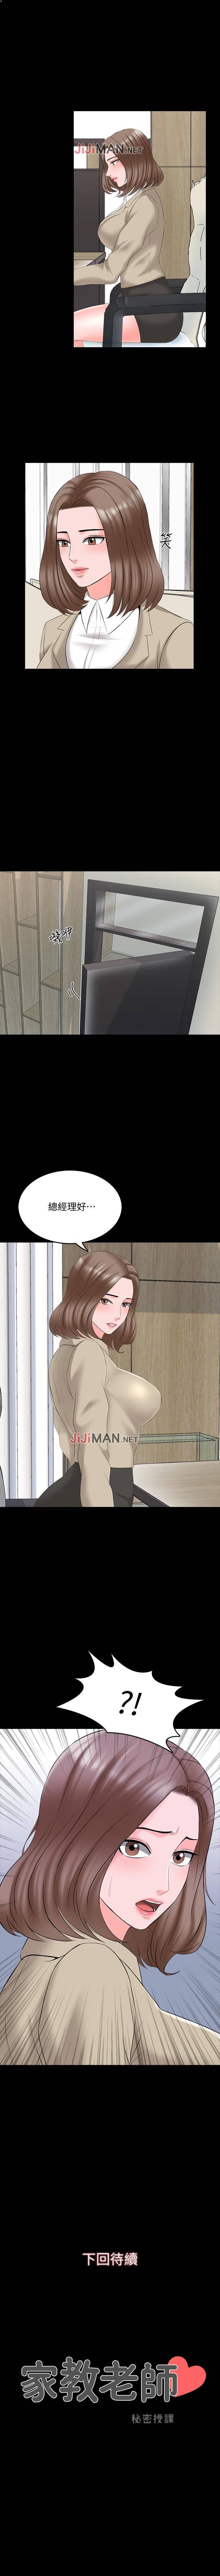 【周一连载】家教老师(作者: CreamMedia) 第1~43话 267